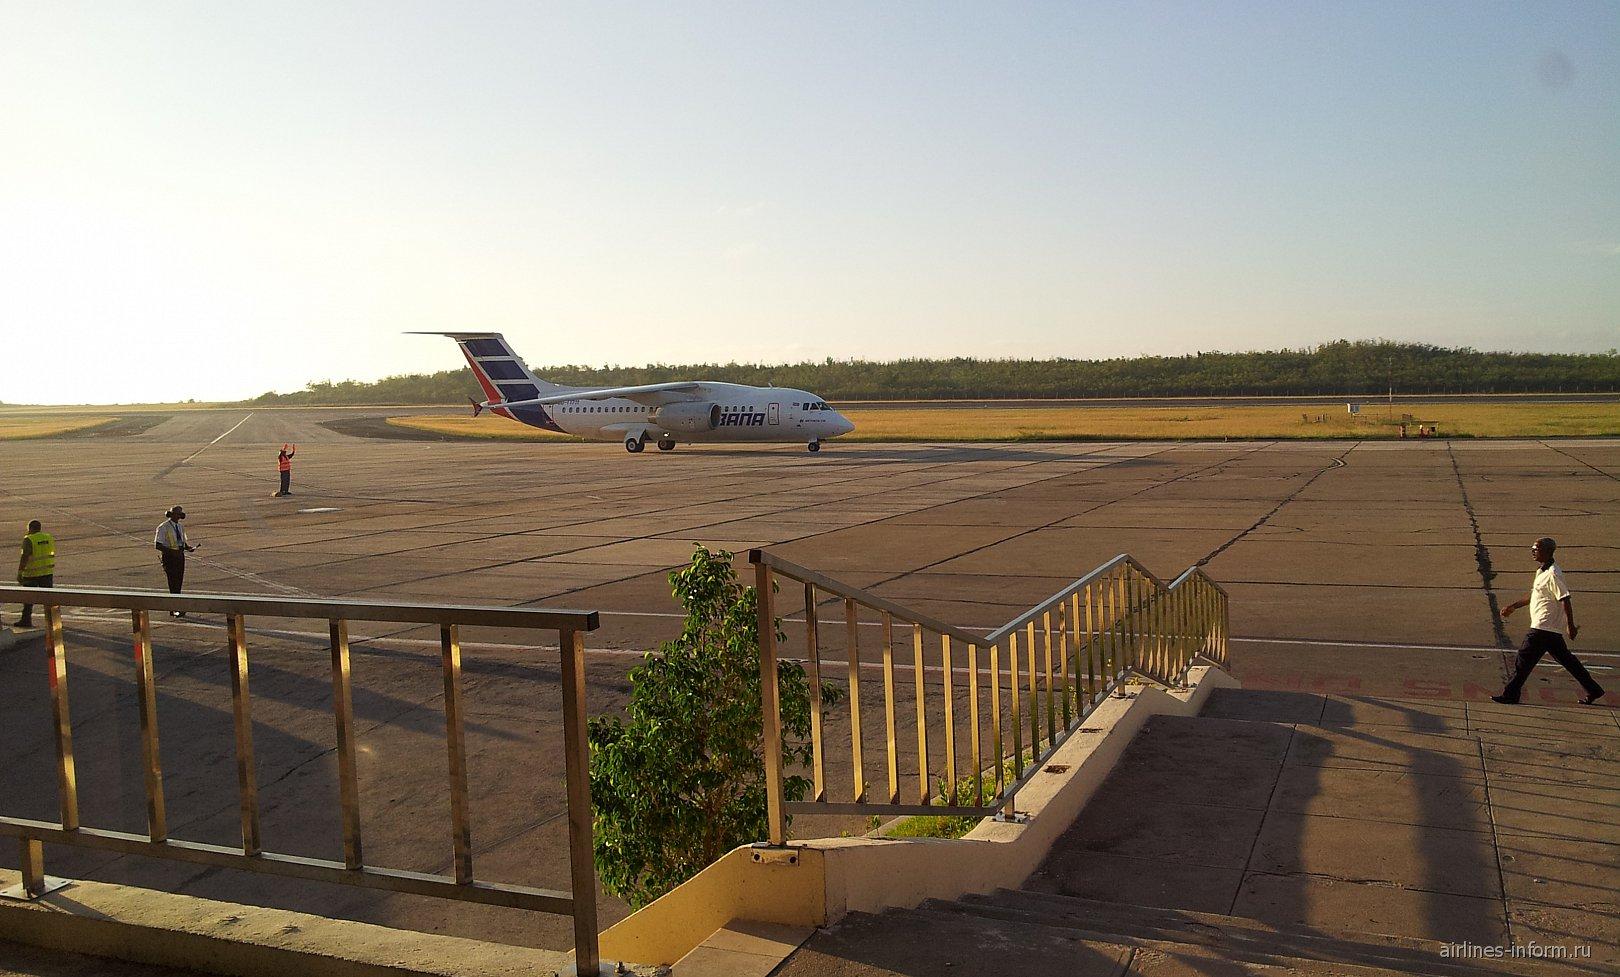 Перрон аэропорта Антонио Масео в Сантьяго-де-Куба